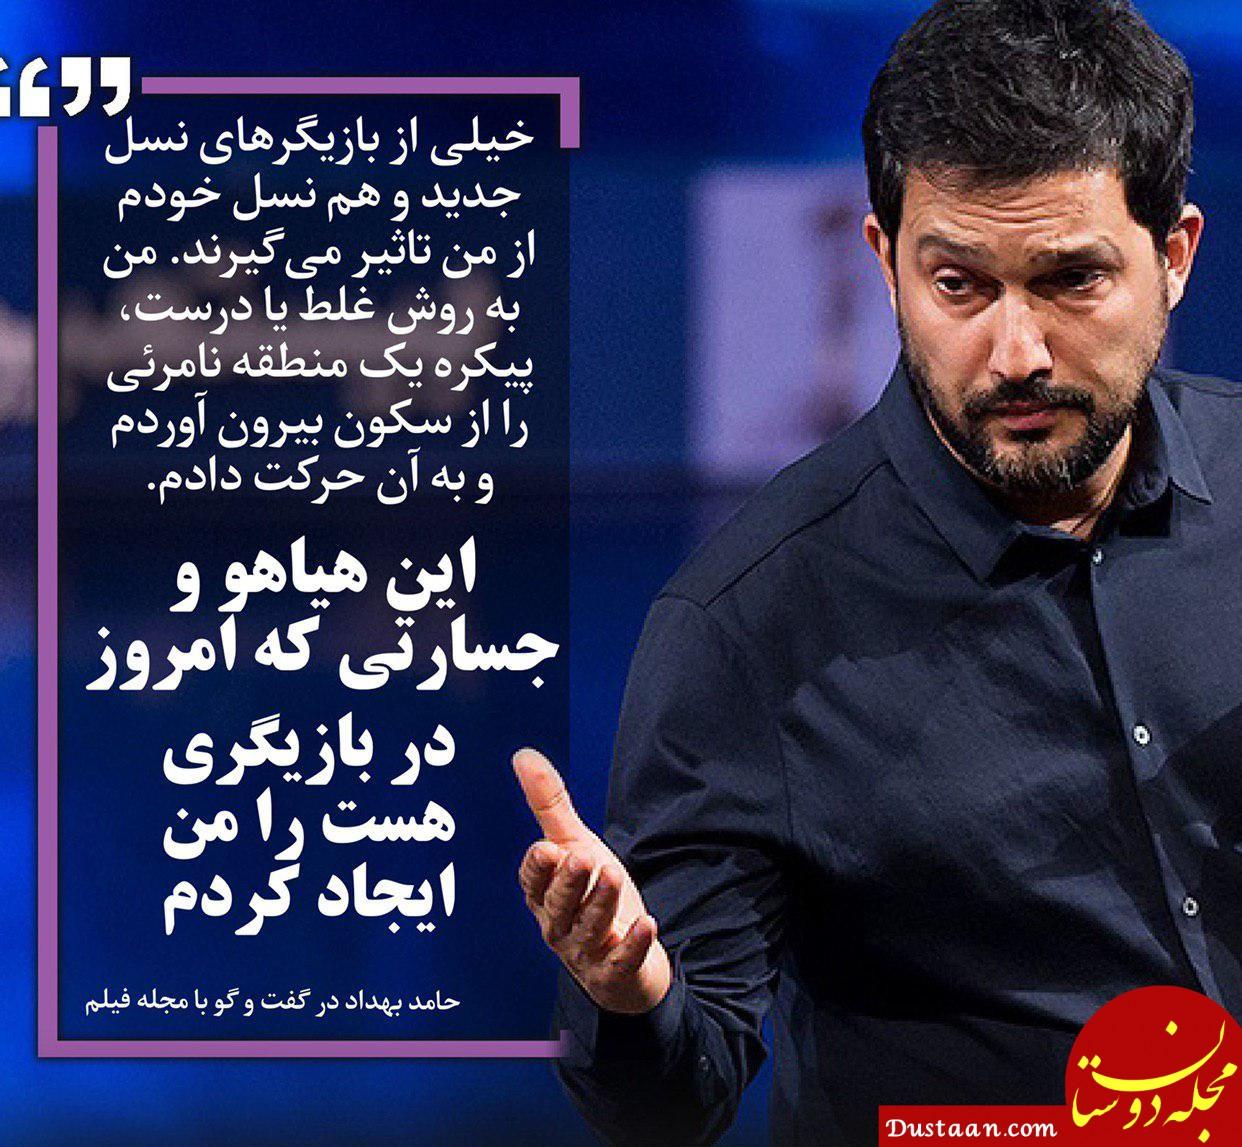 www.dustaan.com حامد بهداد: خیلی از بازیگرهای نسل جدید و هم نسل خودم از من تاثیر می گیرند